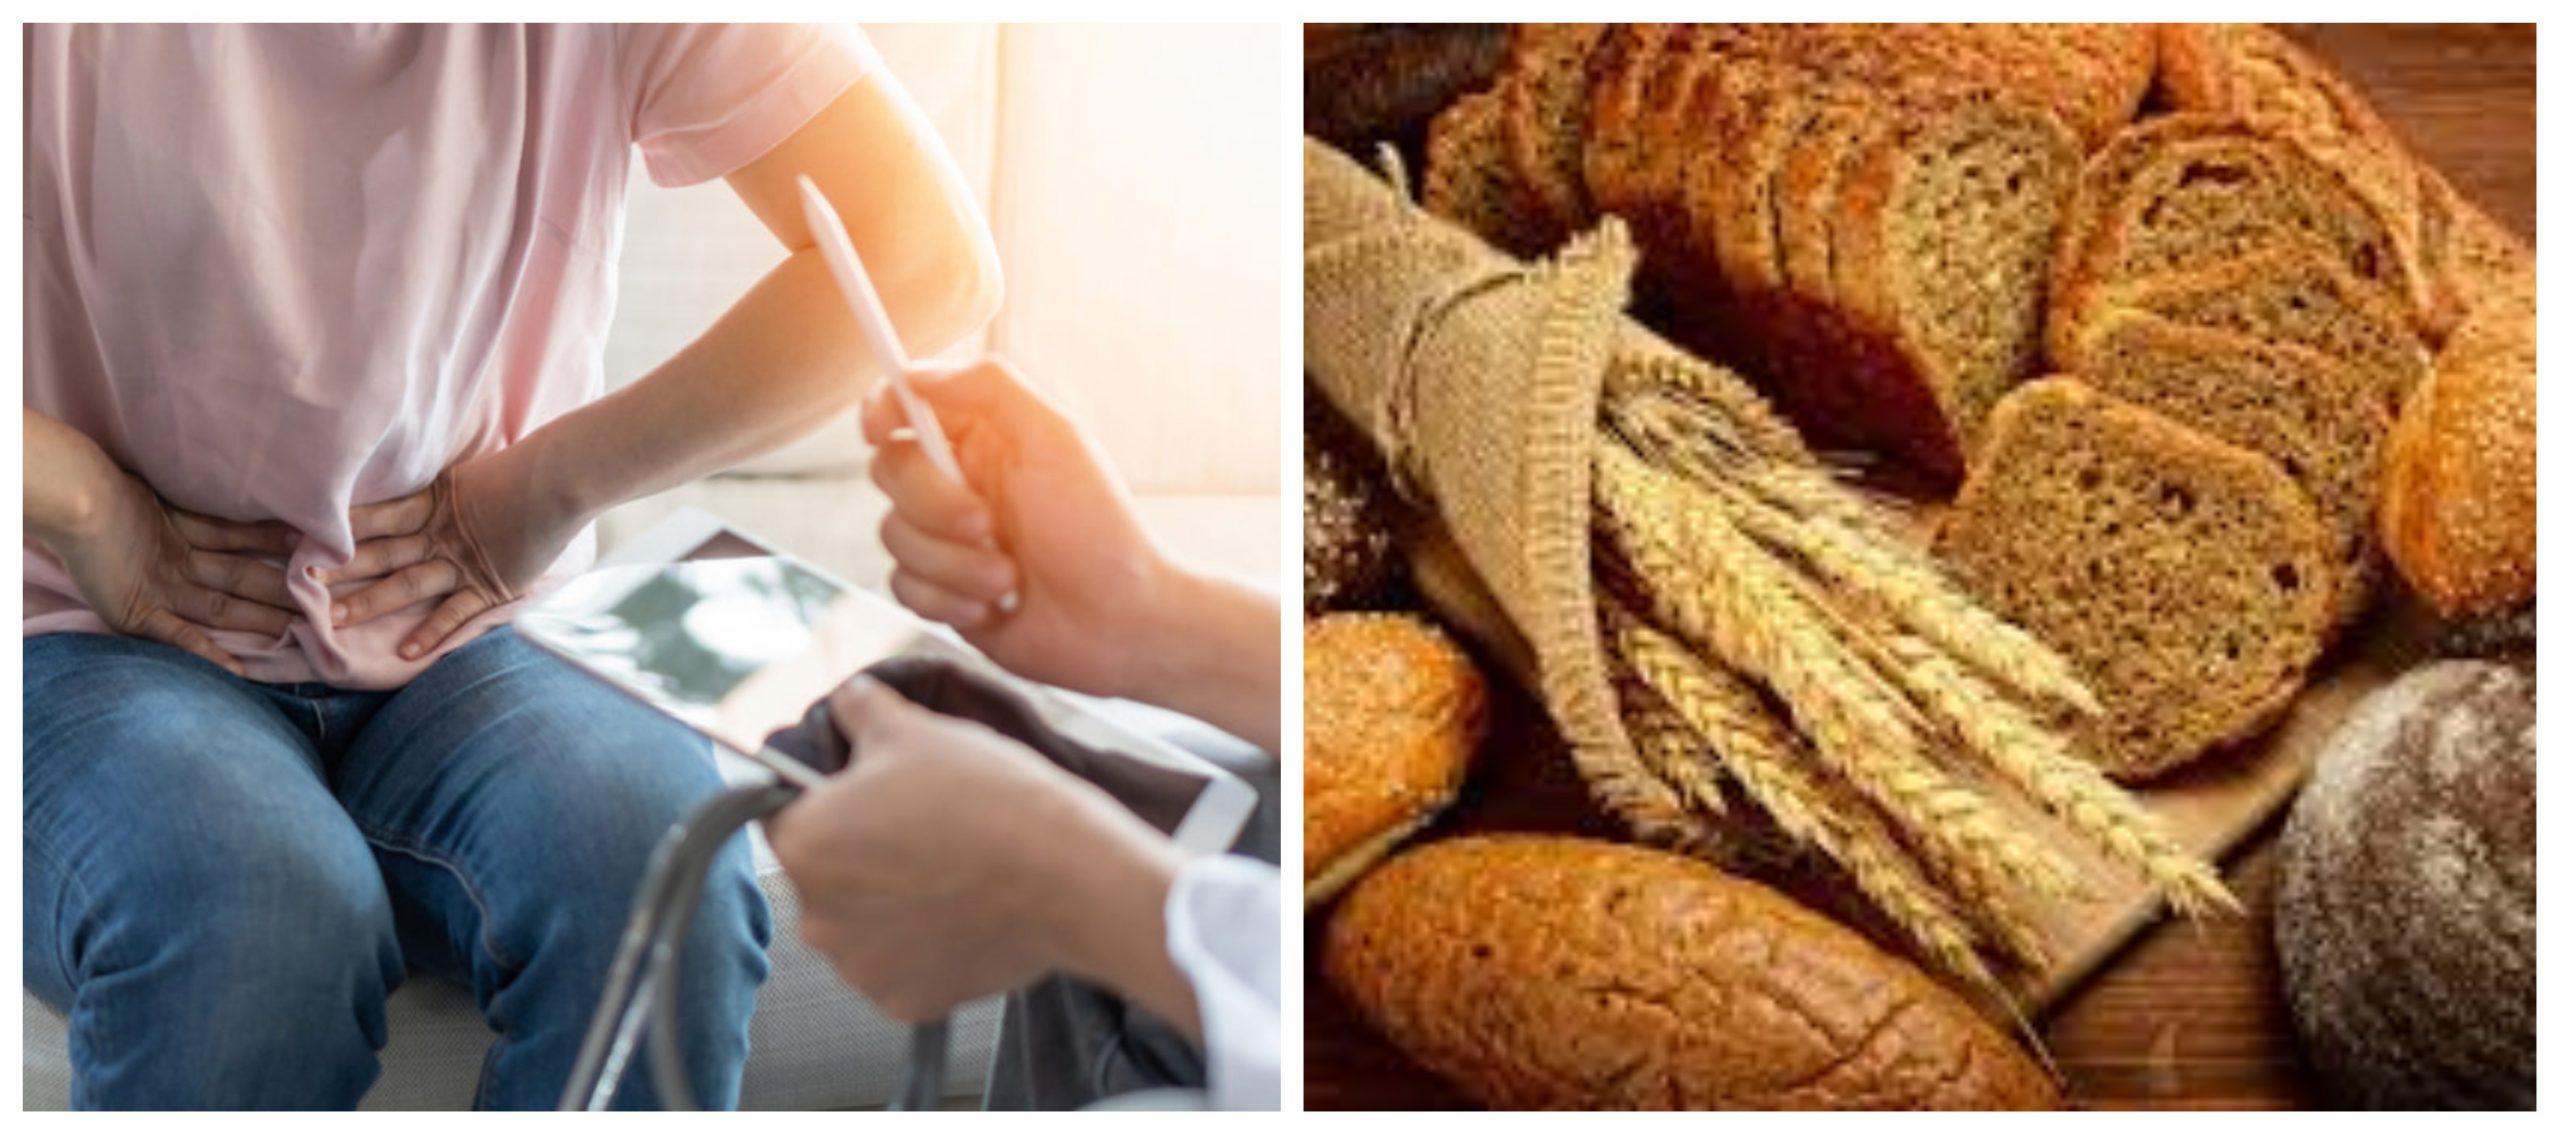 5 أطعمة سحرية قادرة على تخليصك من الاضطرابات الهضمية